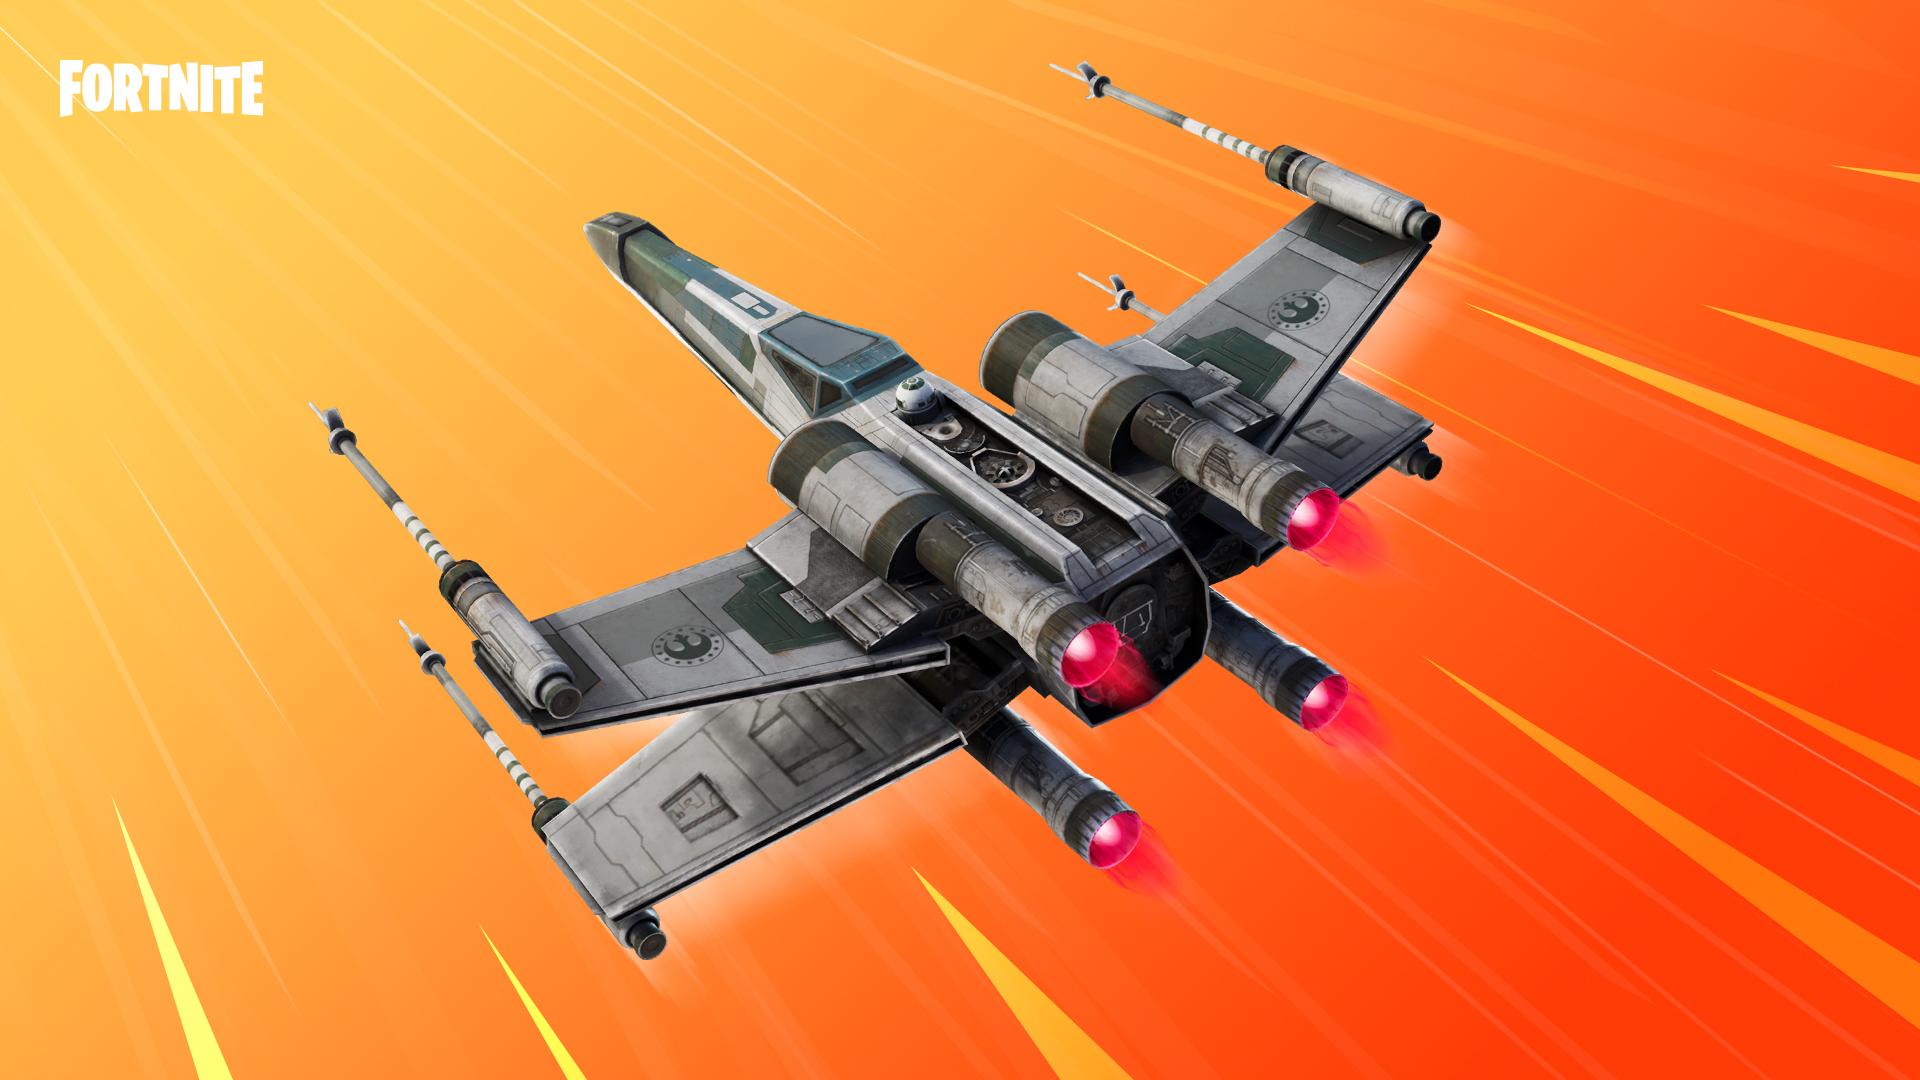 fortnite-planeur-star-wars-gratuit-squadrons